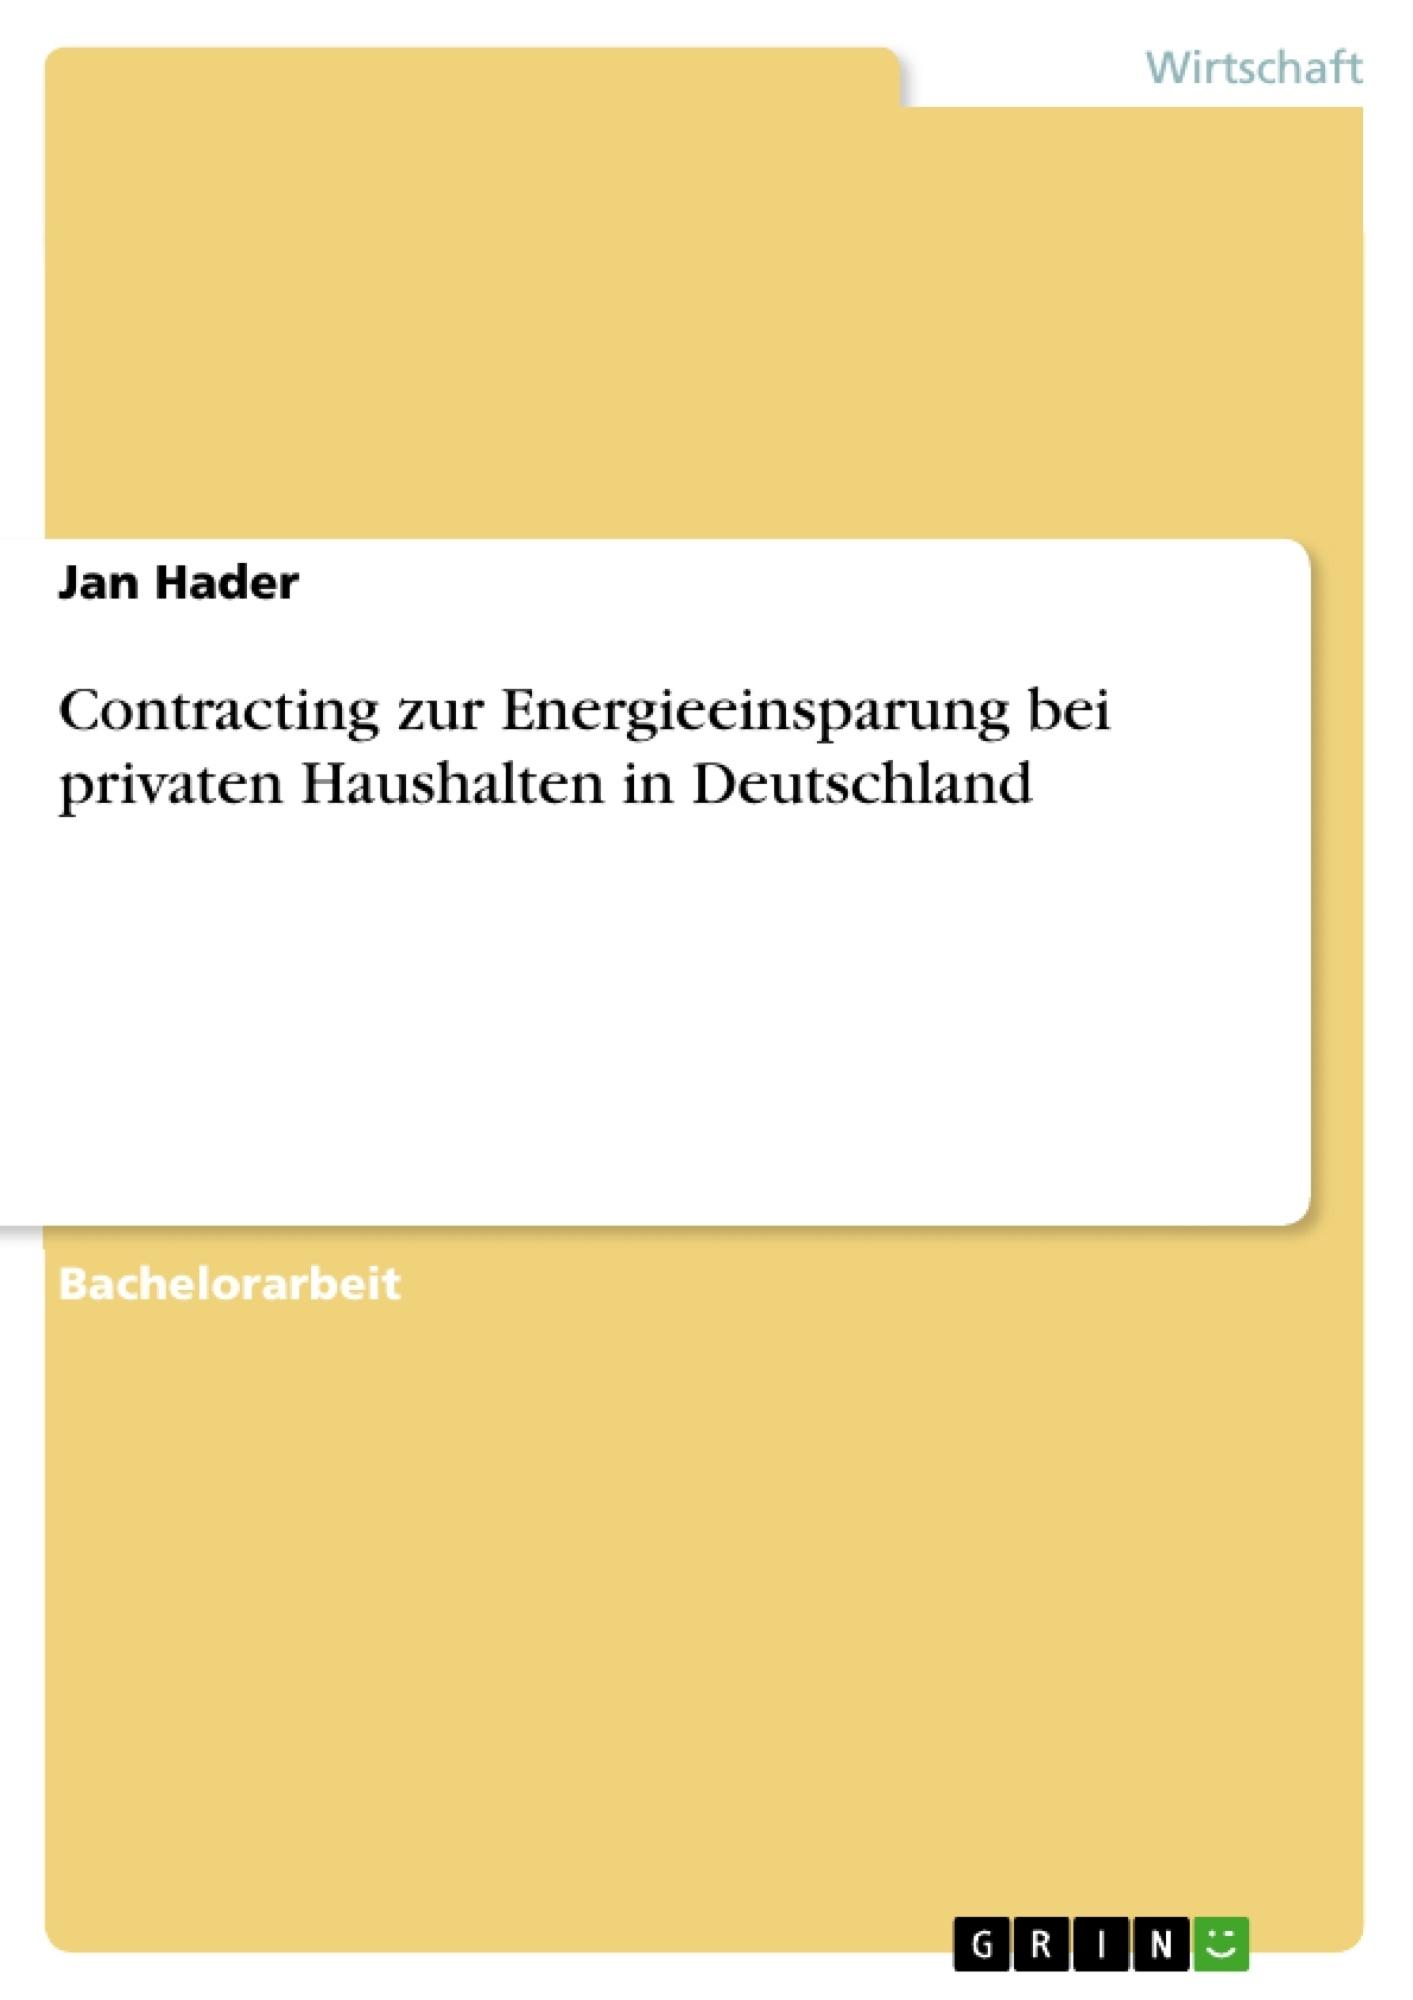 Titel: Contracting zur Energieeinsparung bei privaten Haushalten in Deutschland